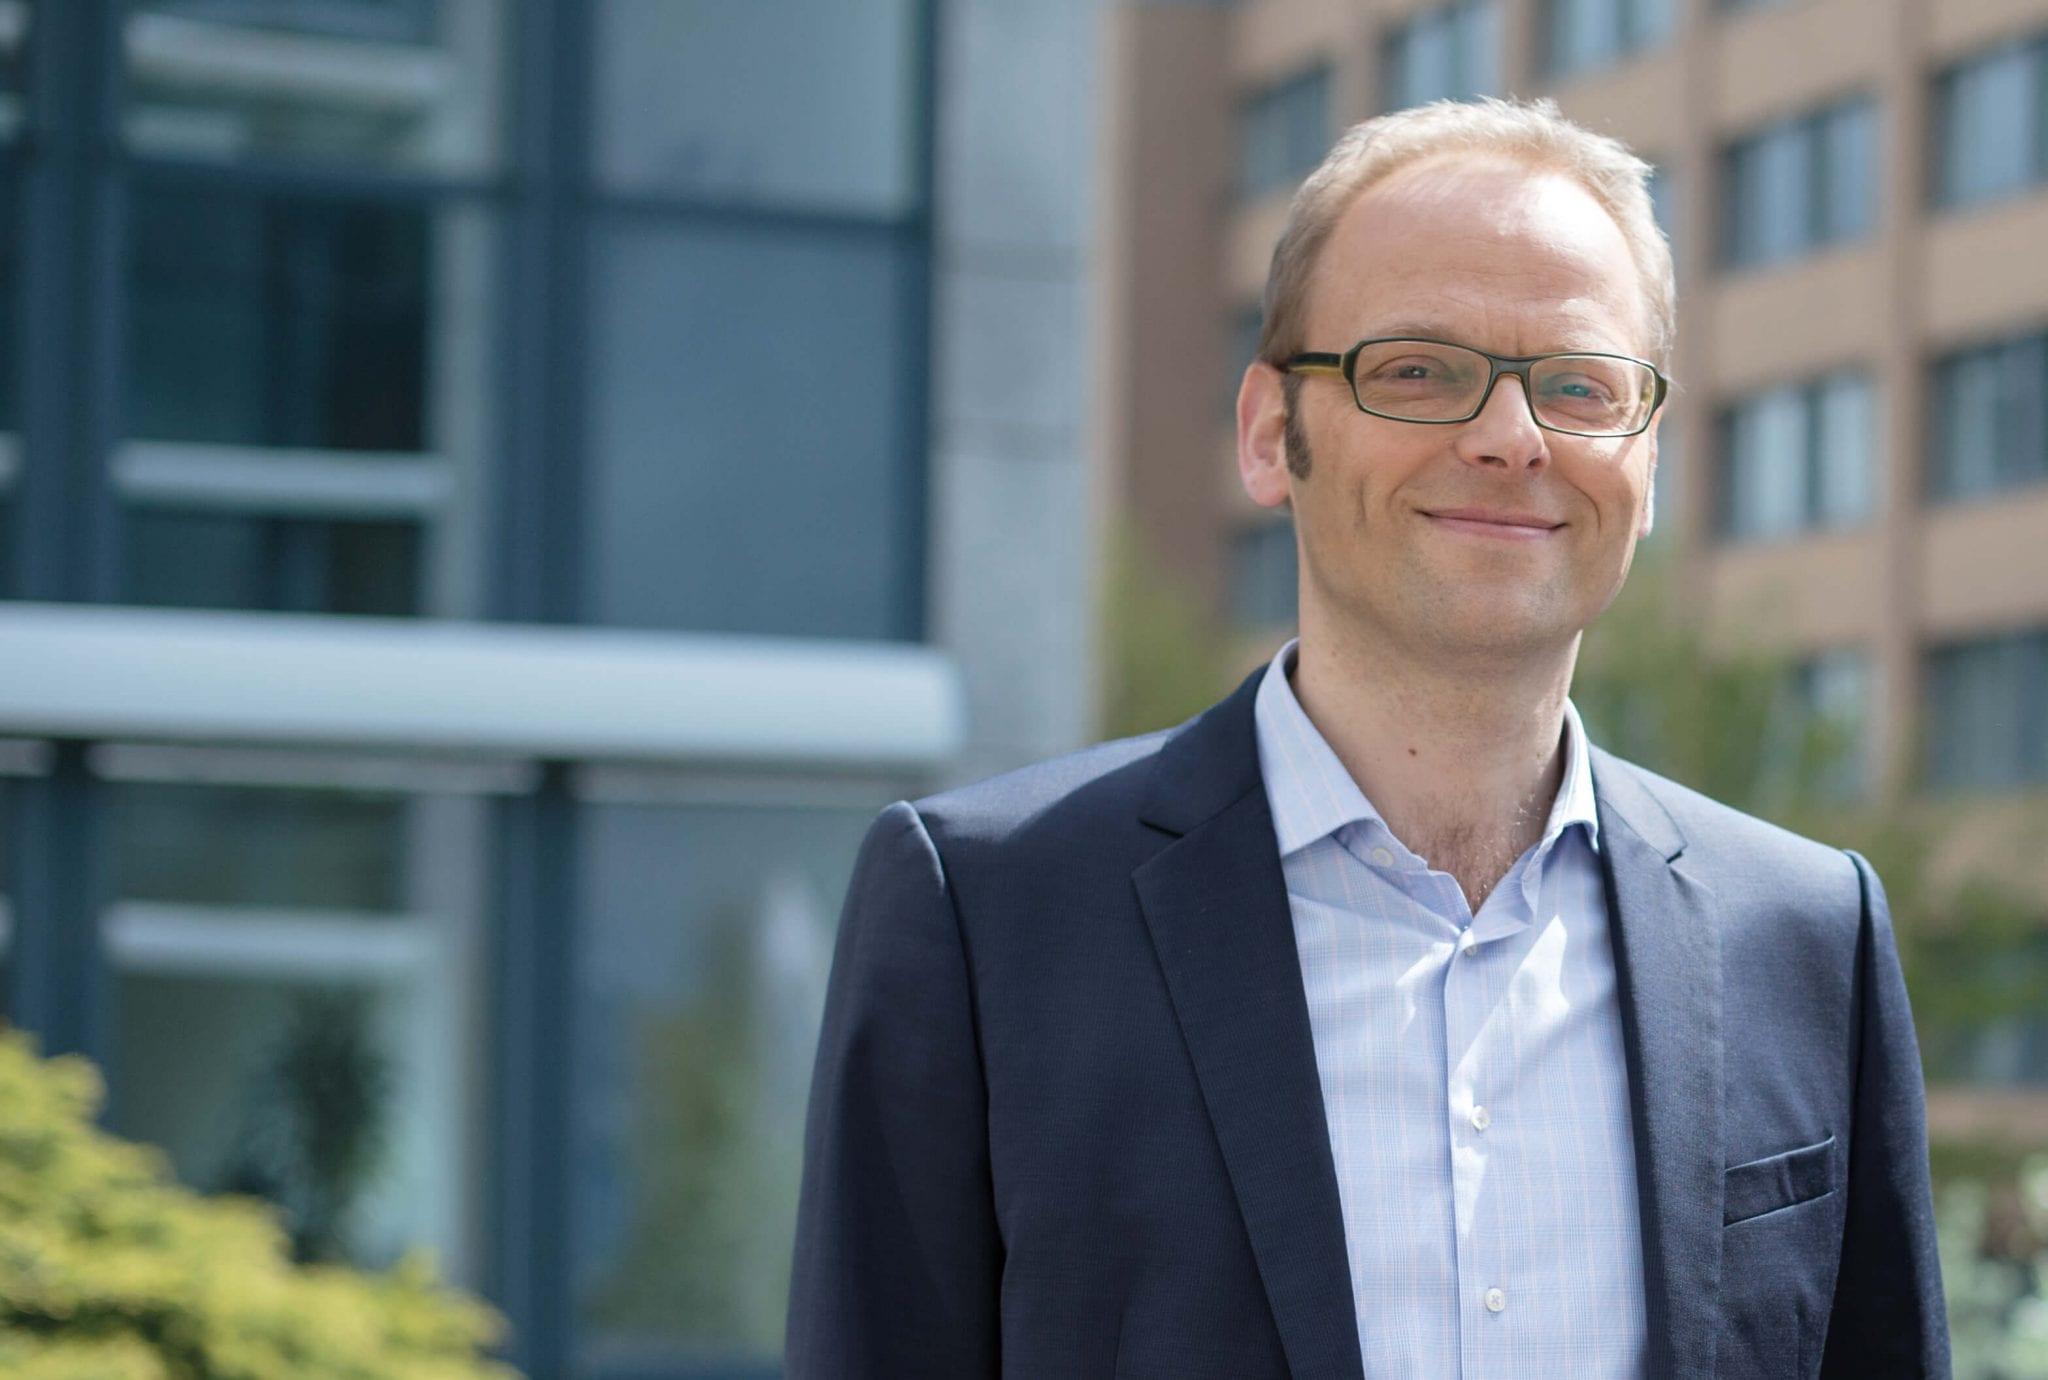 Drei Fragen an unser neues Vorstandsmitglied Dr. Tim Meyer